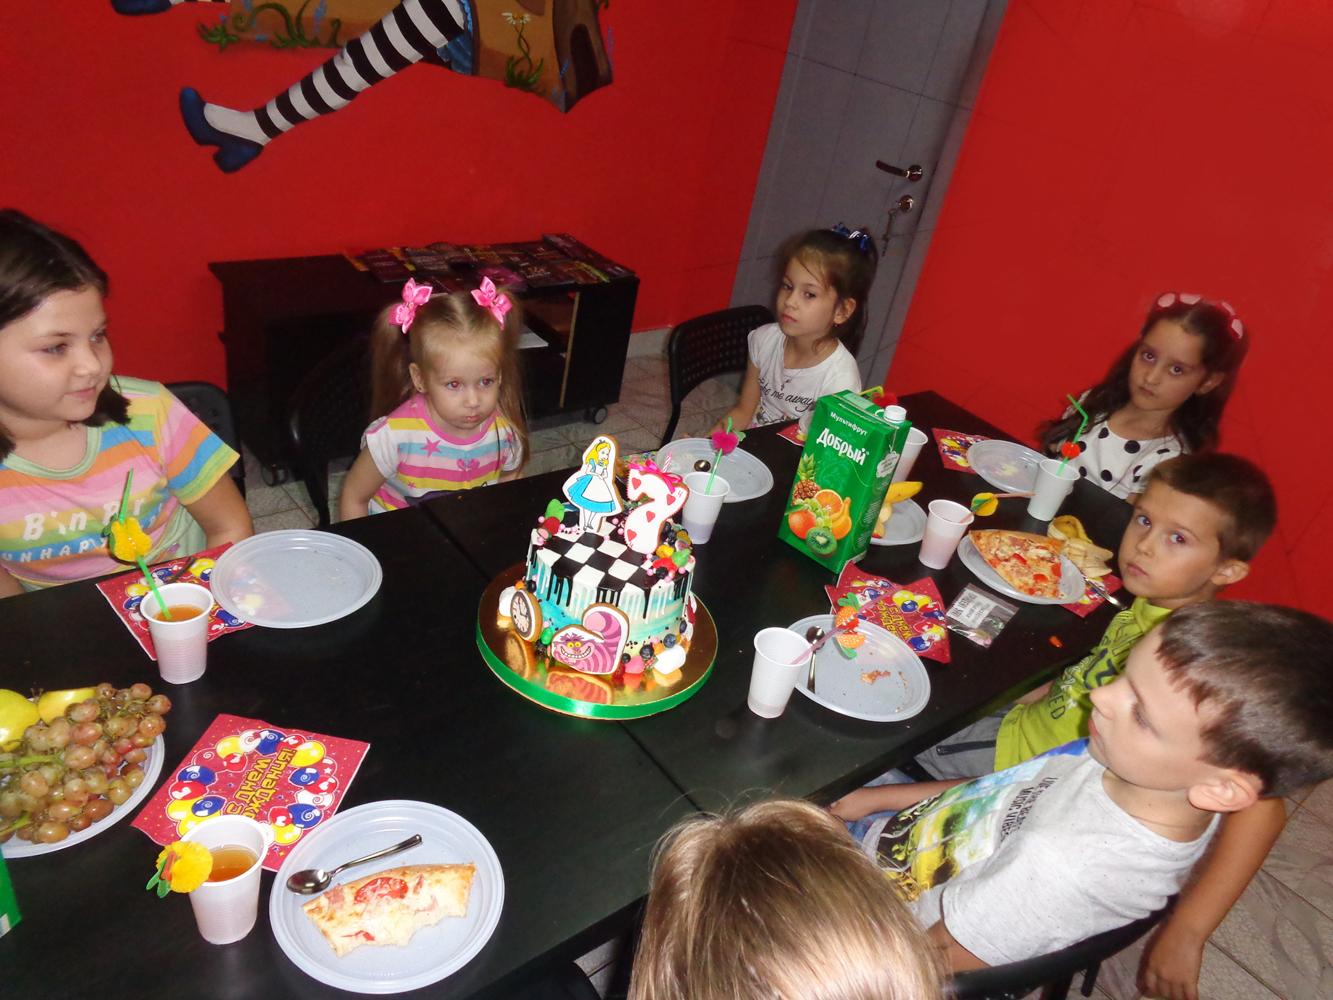 Детский День рождения в квестах Алиса и Гарри Поттер на Ларина - это креативно! Ростов-на-Дону